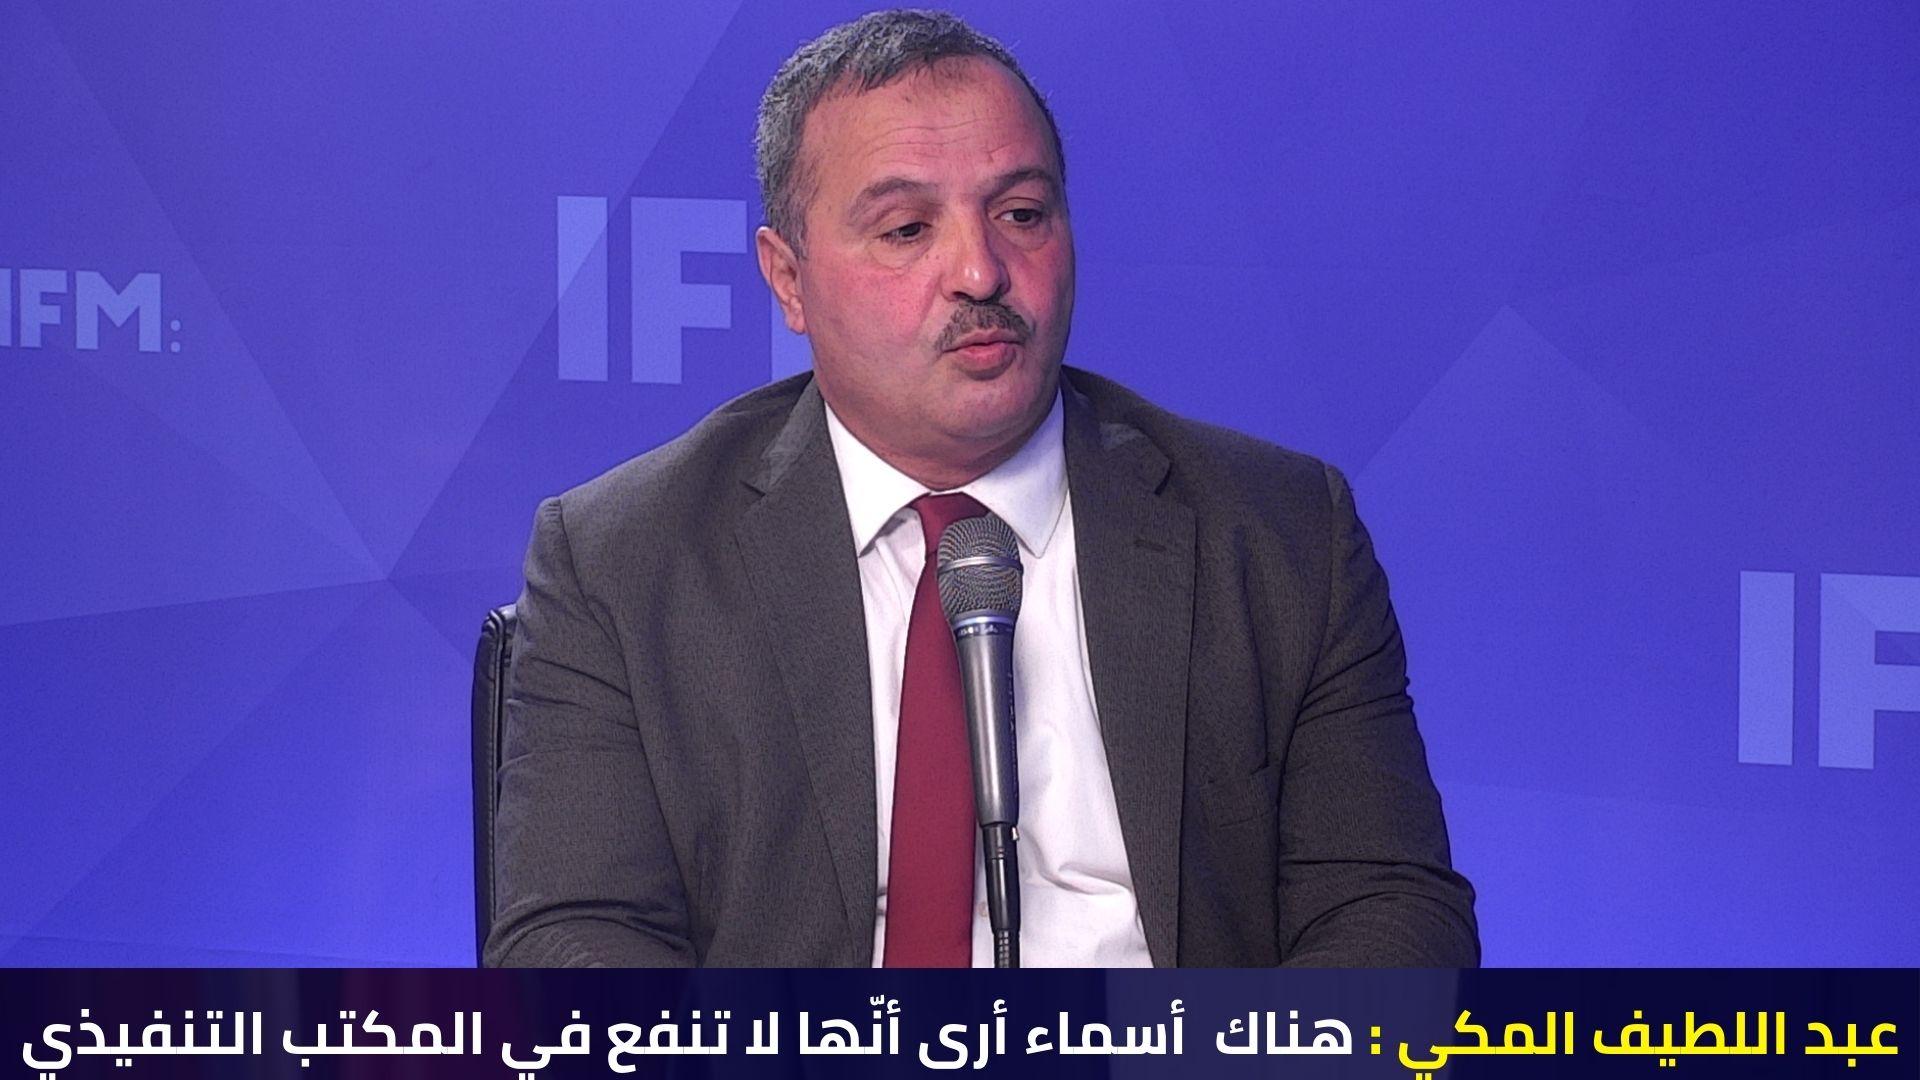 عبد اللطيف المكي : هناك  أسماء أرى أنّها لا تنفع في المكتب التنفيذي